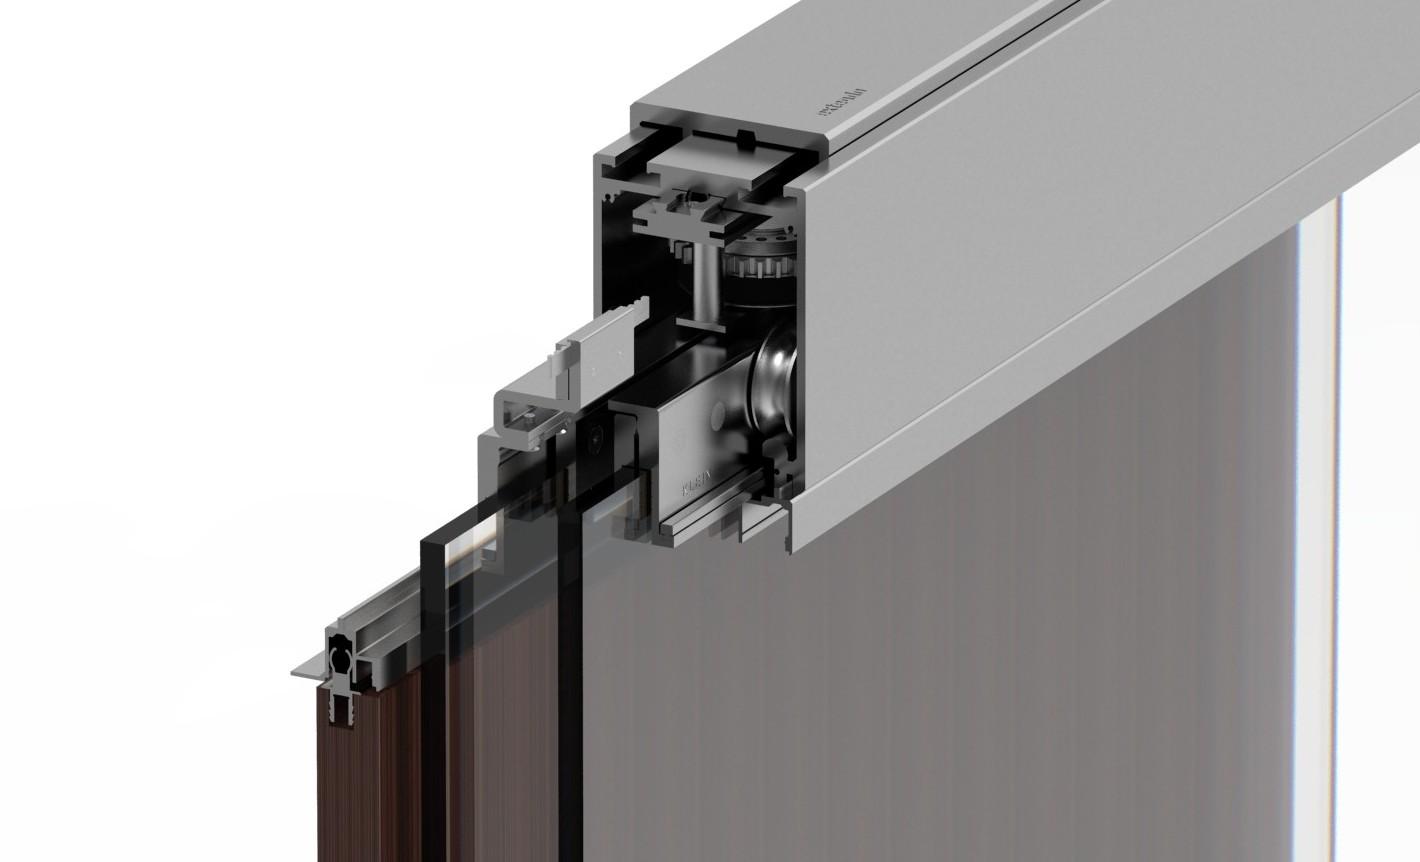 Extendo sistema telesc pico en puertas correderas de cristal - Sistema puerta corredera ...